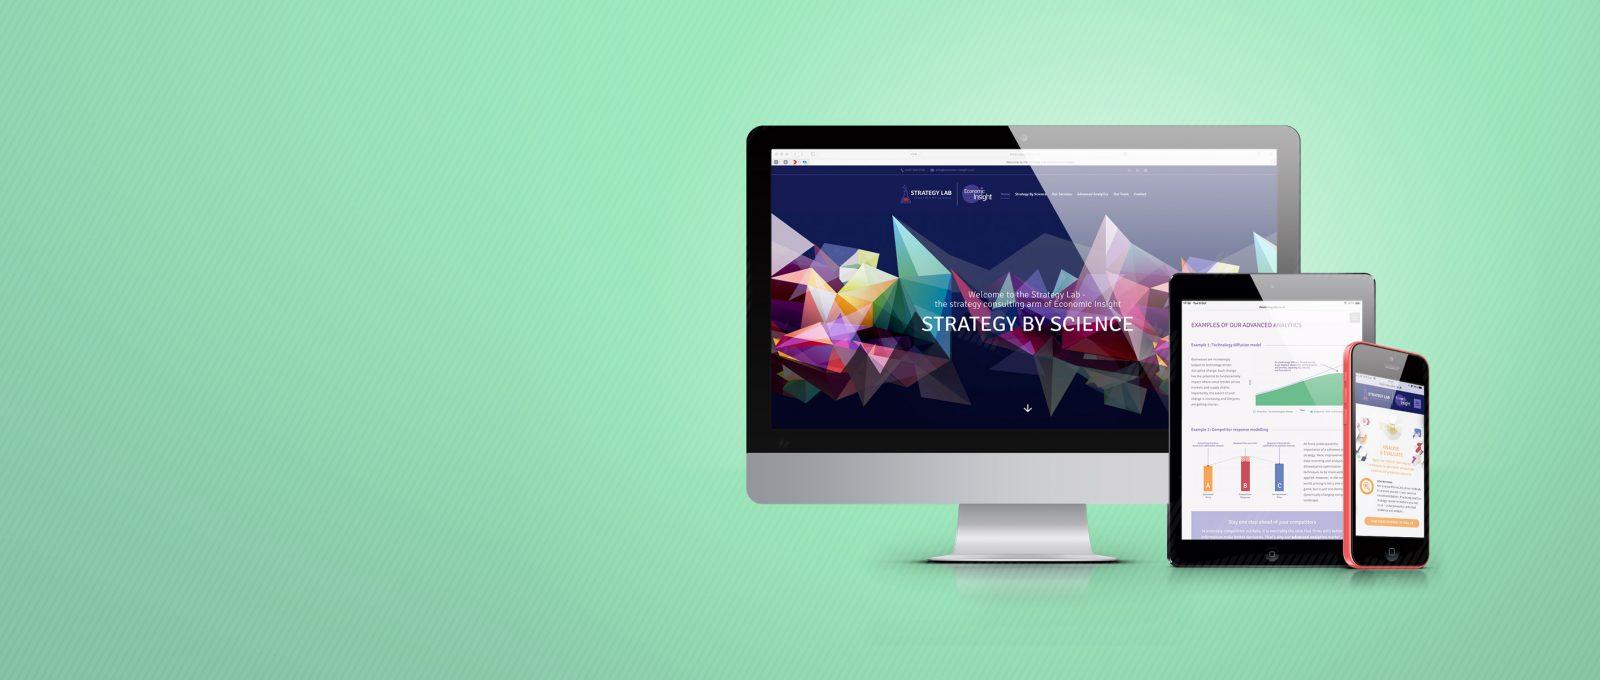 WEBSITE <br/> DESIGN